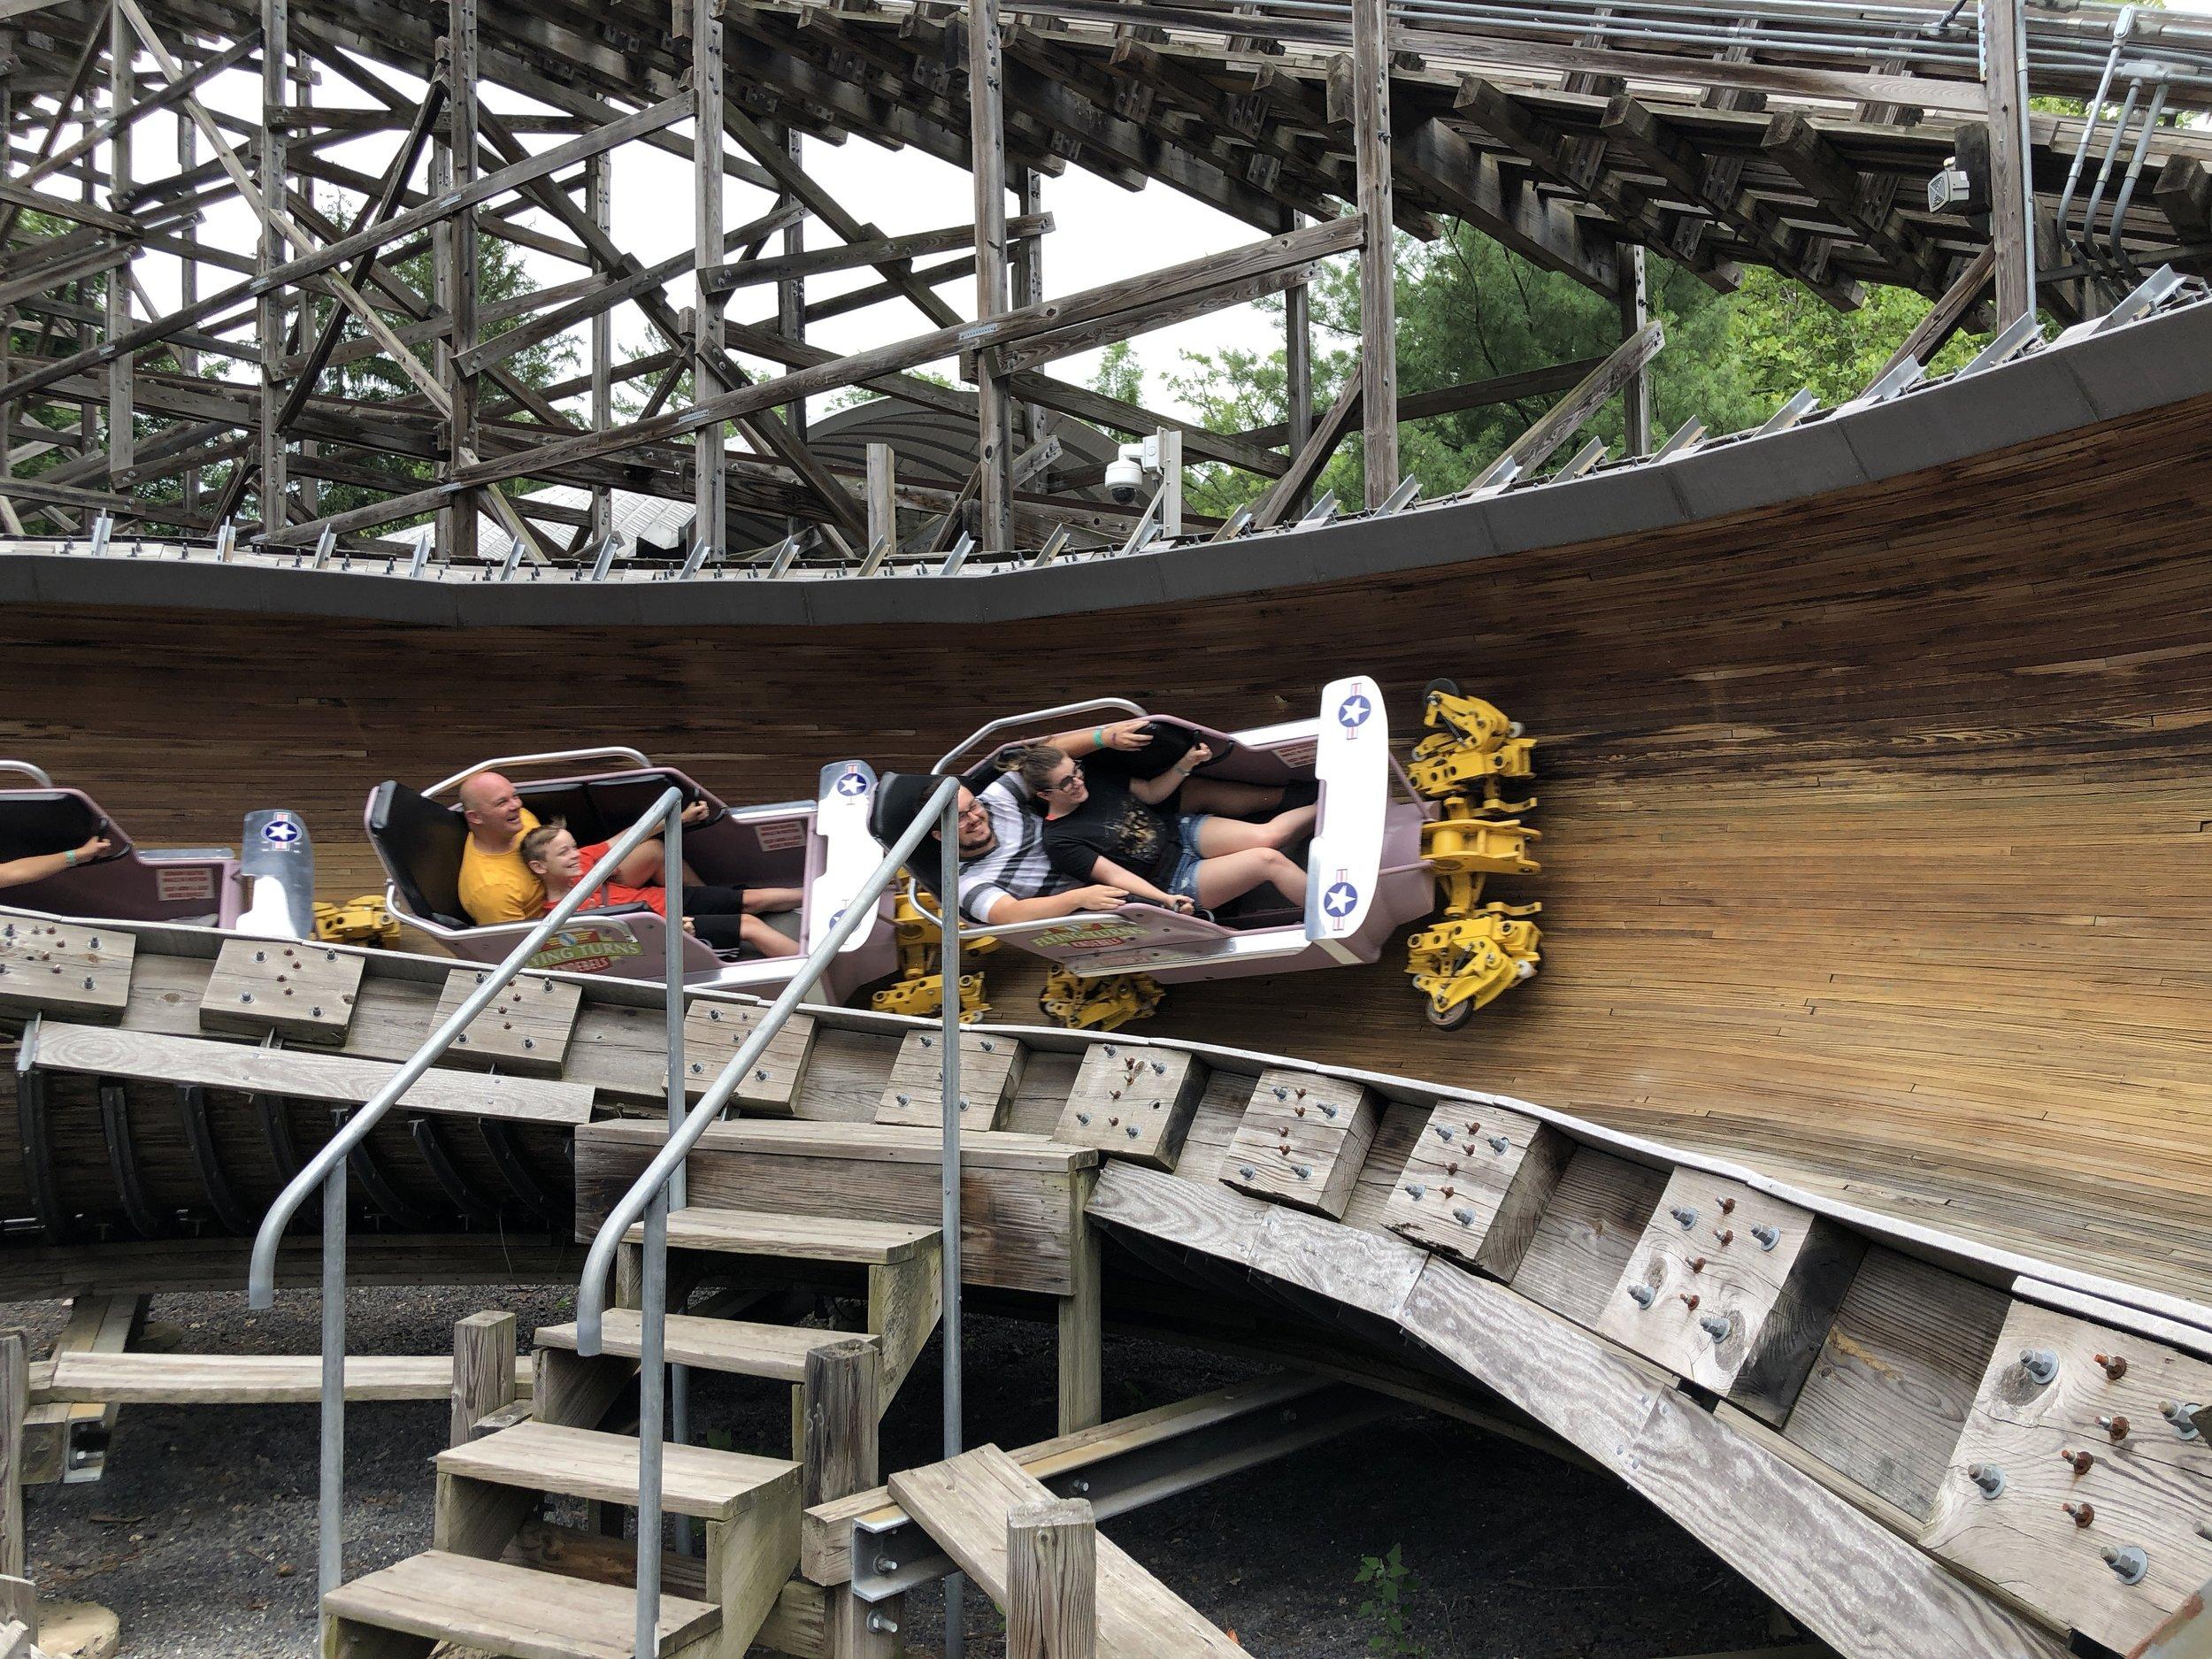 Flying Turns at Knoebels Amusement Resort - Elysburg, Pennsylvania.